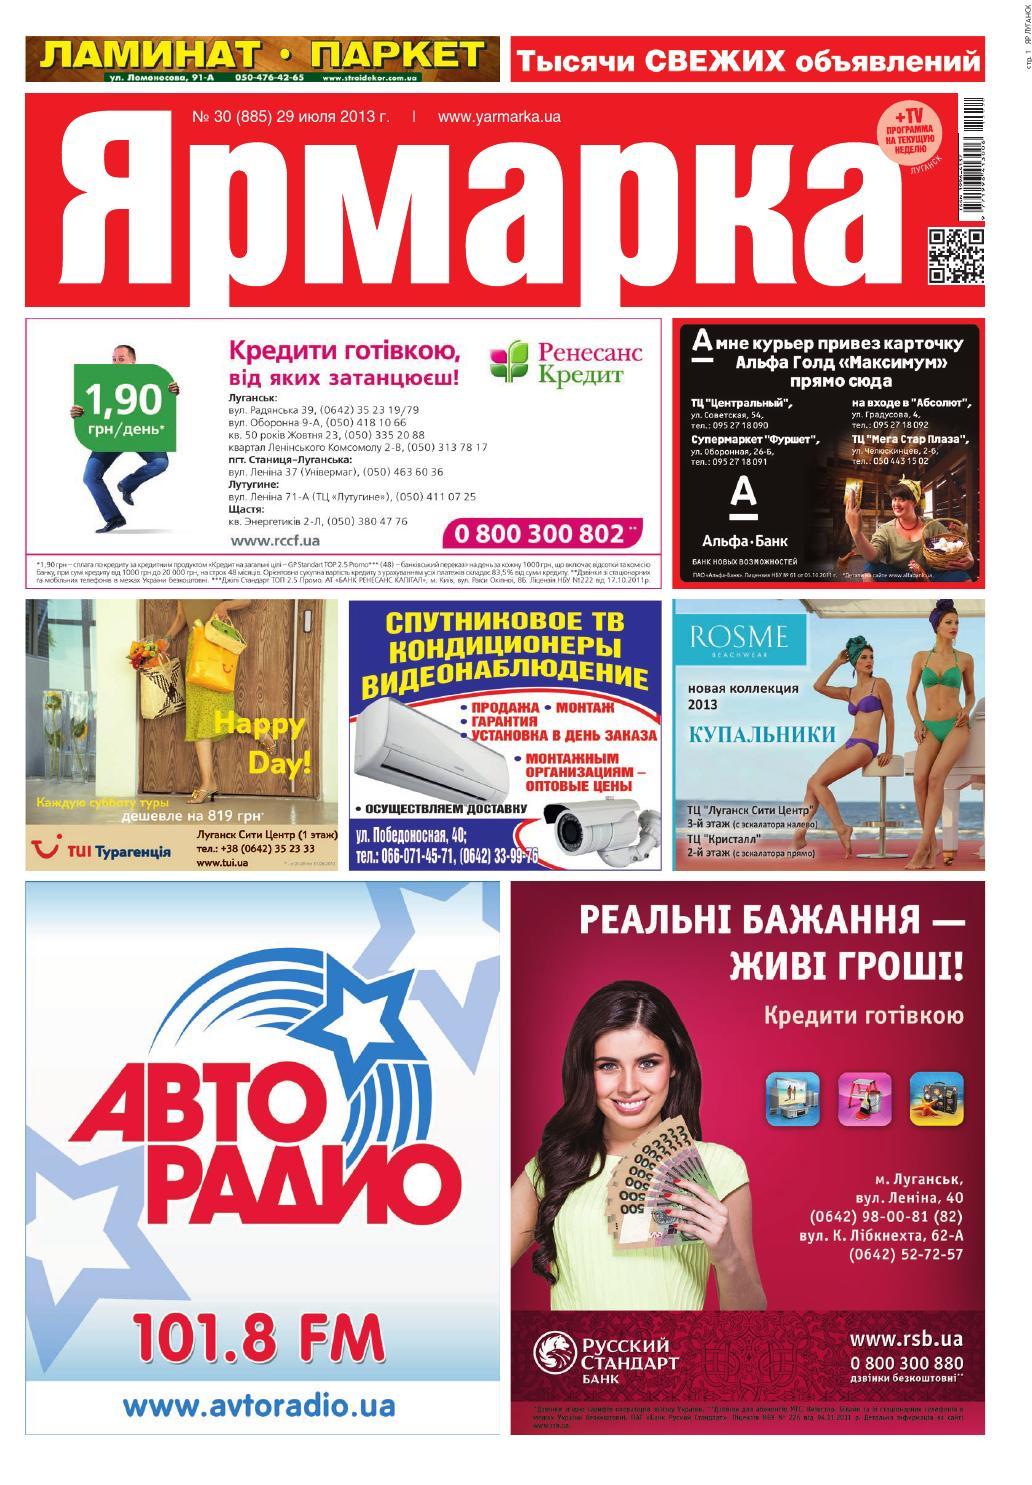 Орел газета моя реклама рубрика фототовары электронных носителях а реклама сети интернет размещение рекламы компьютерных сетях